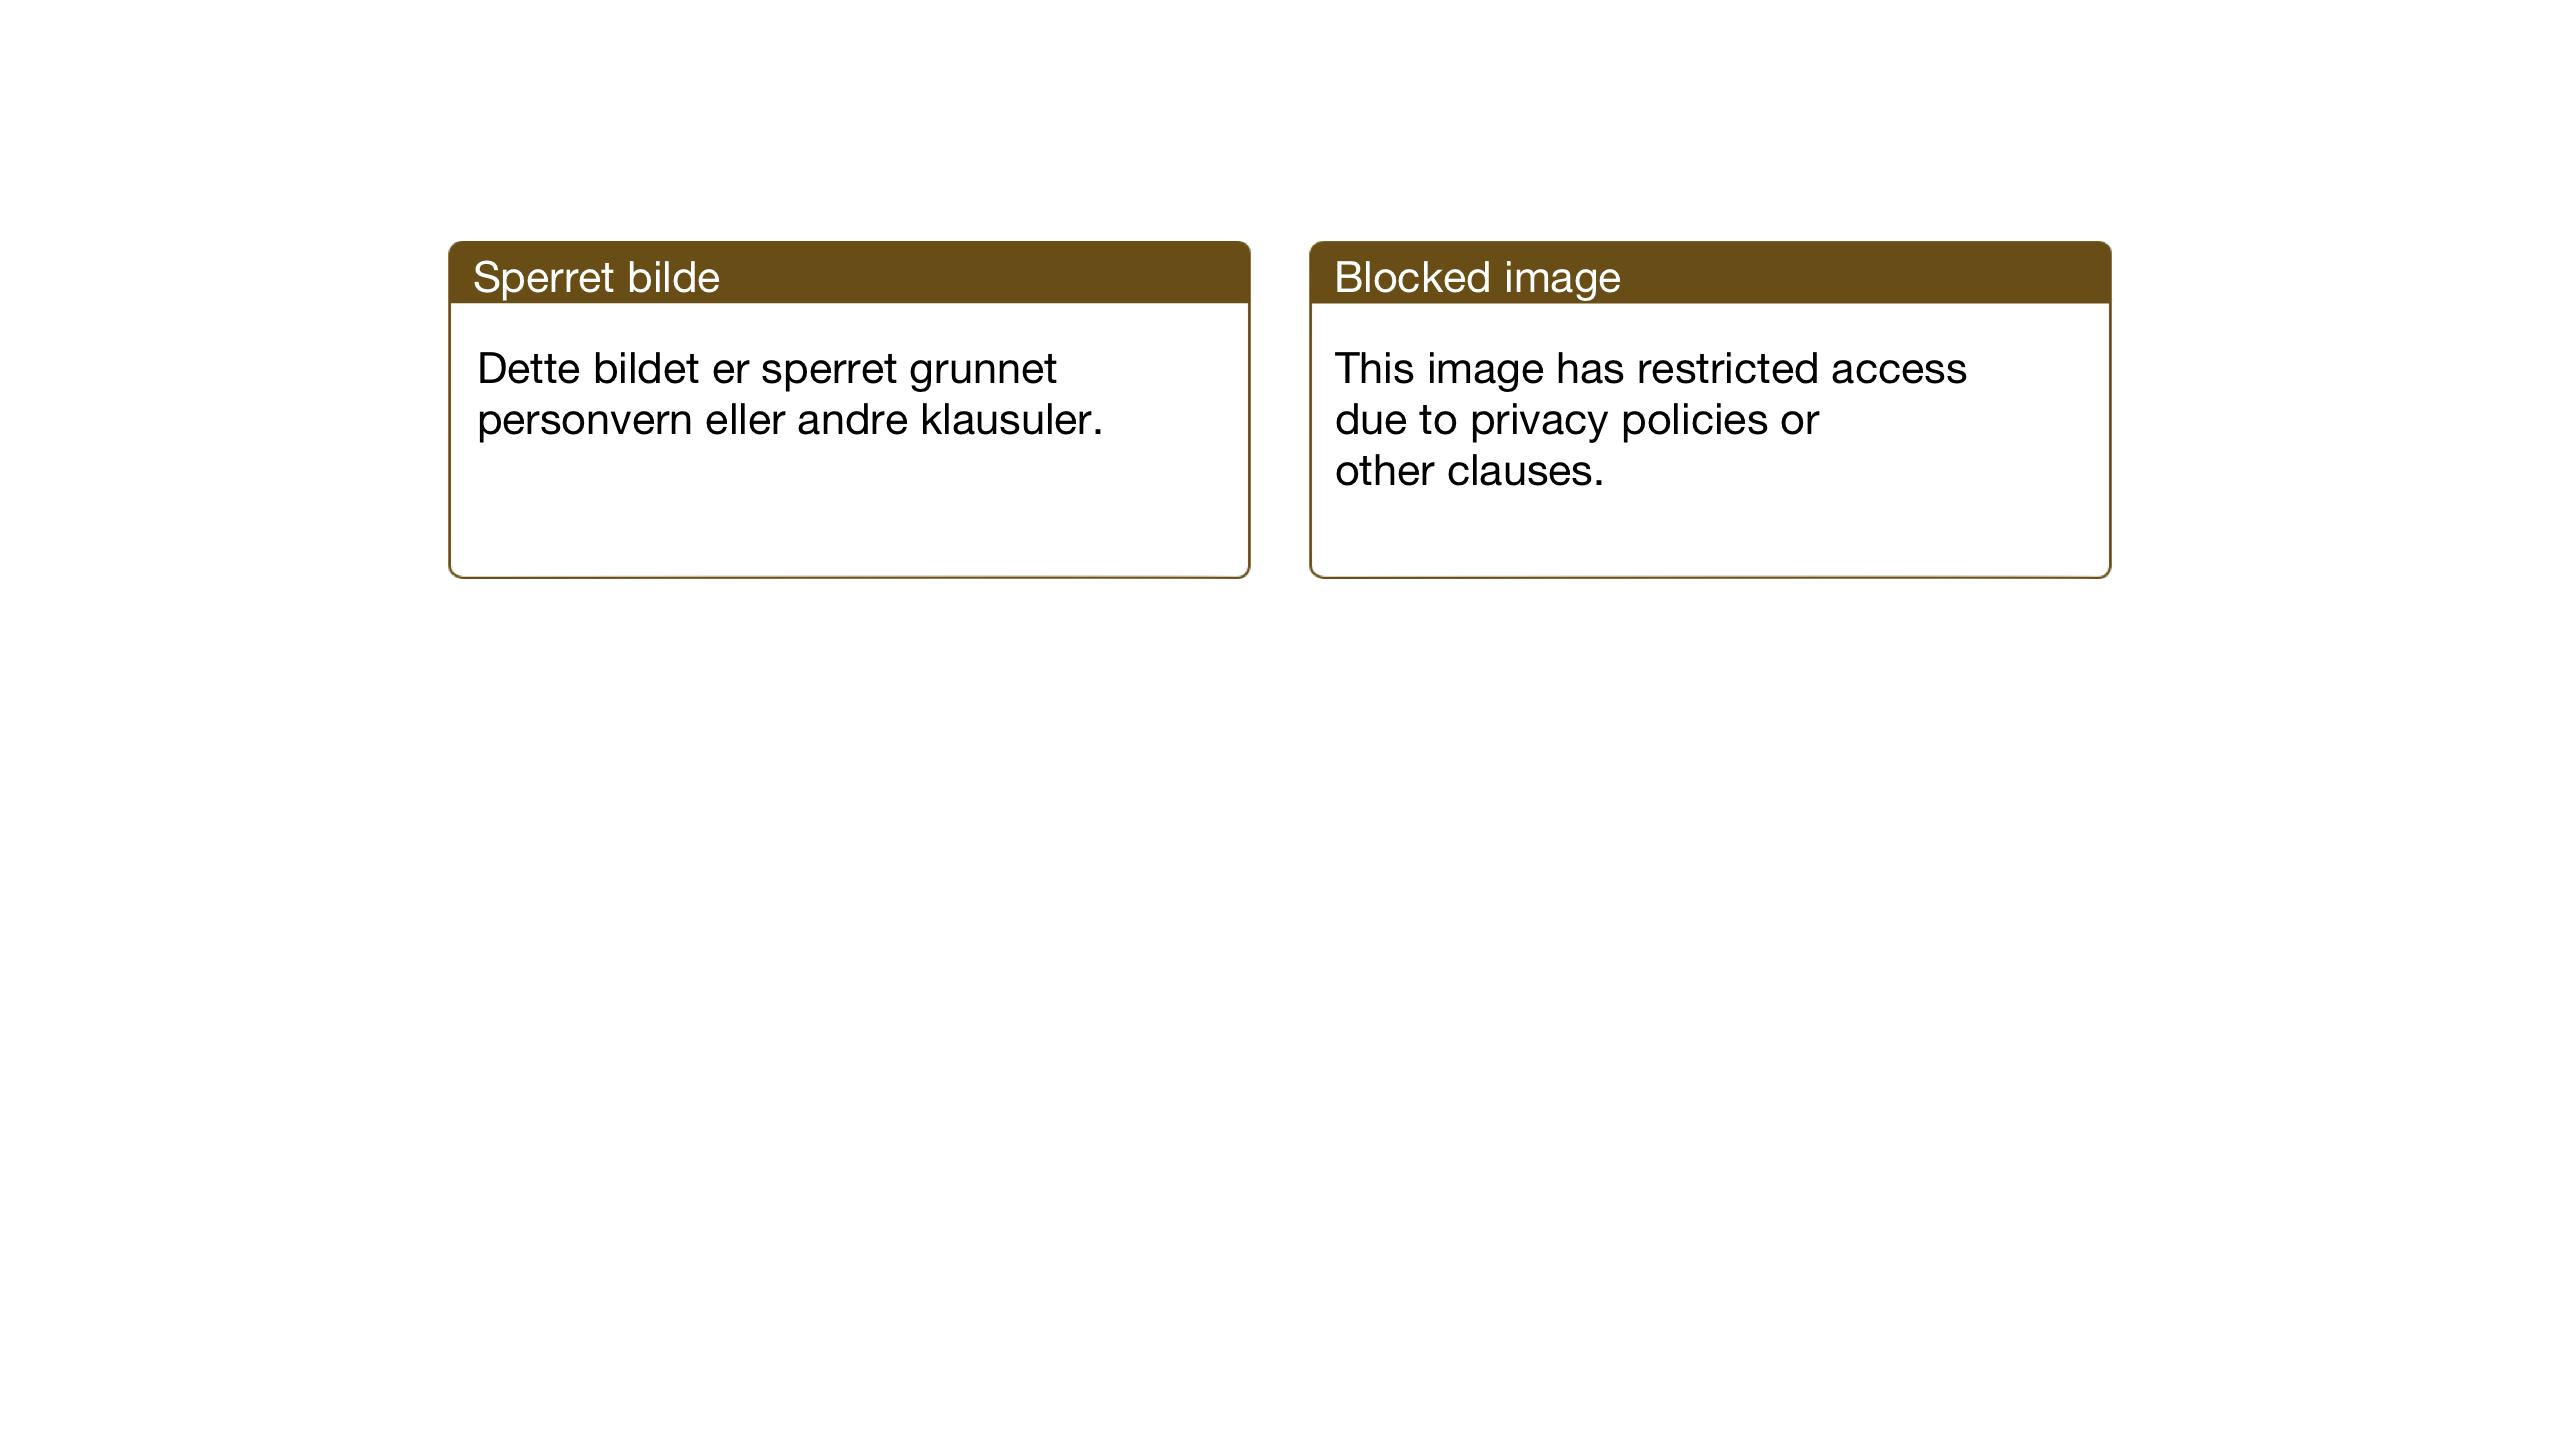 SAT, Ministerialprotokoller, klokkerbøker og fødselsregistre - Nord-Trøndelag, 774/L0631: Klokkerbok nr. 774C02, 1934-1950, s. 137